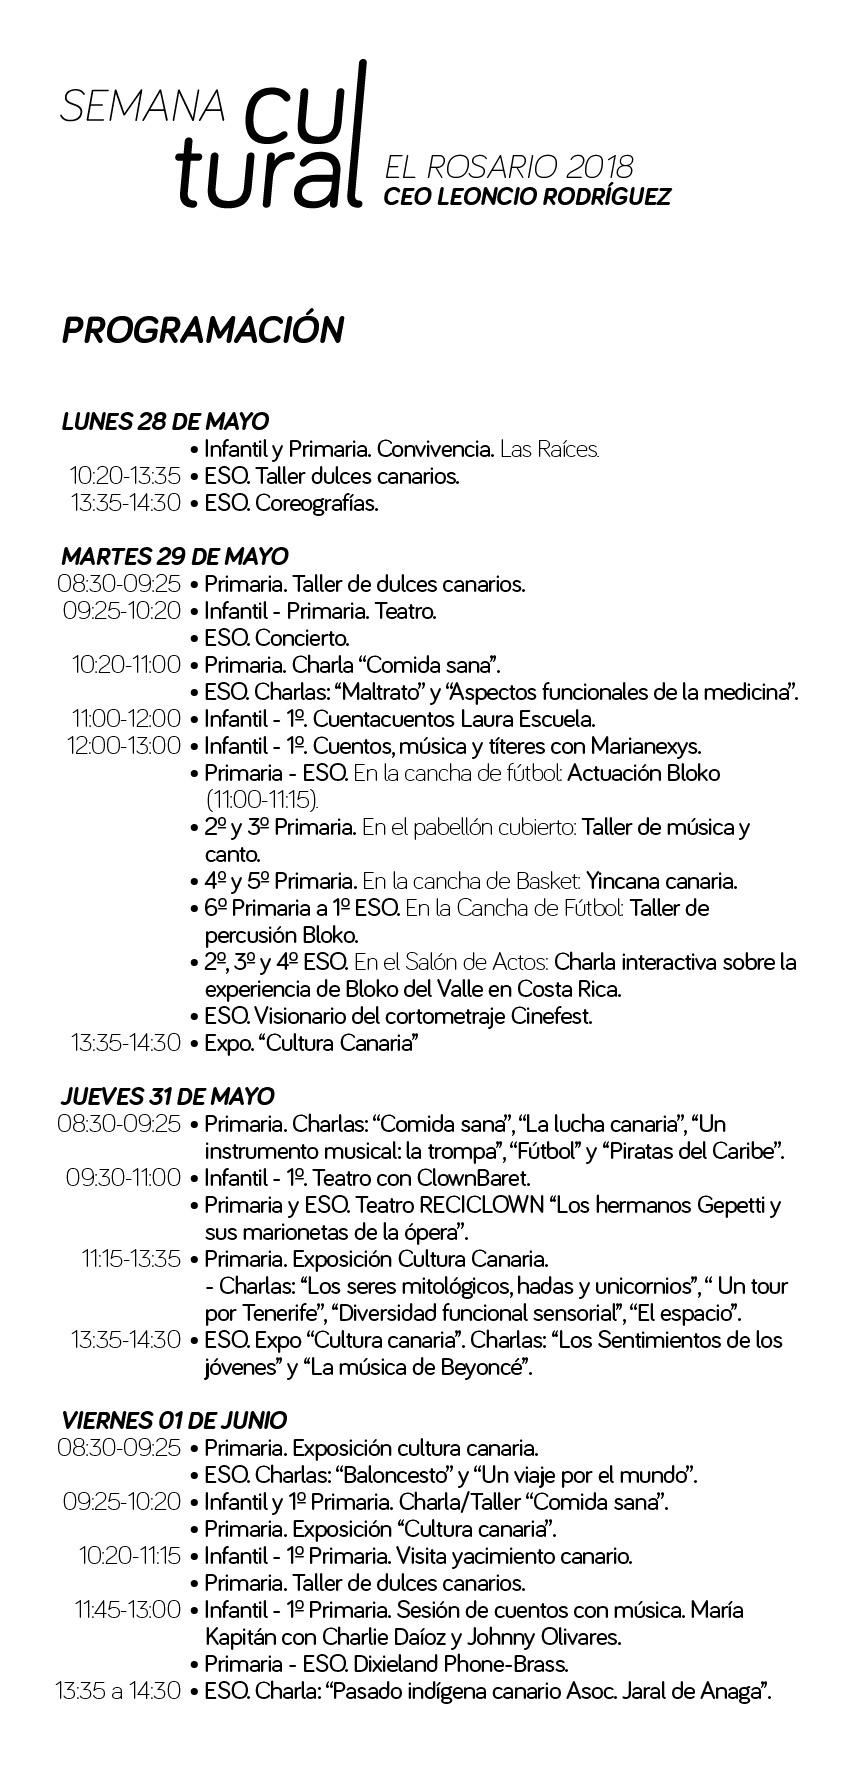 SEMANA_CULTURAL_CEO_LEONCIO_RODRIGUEZ-20180528-OCTAVILLA-20180524-reverso-01af-redes